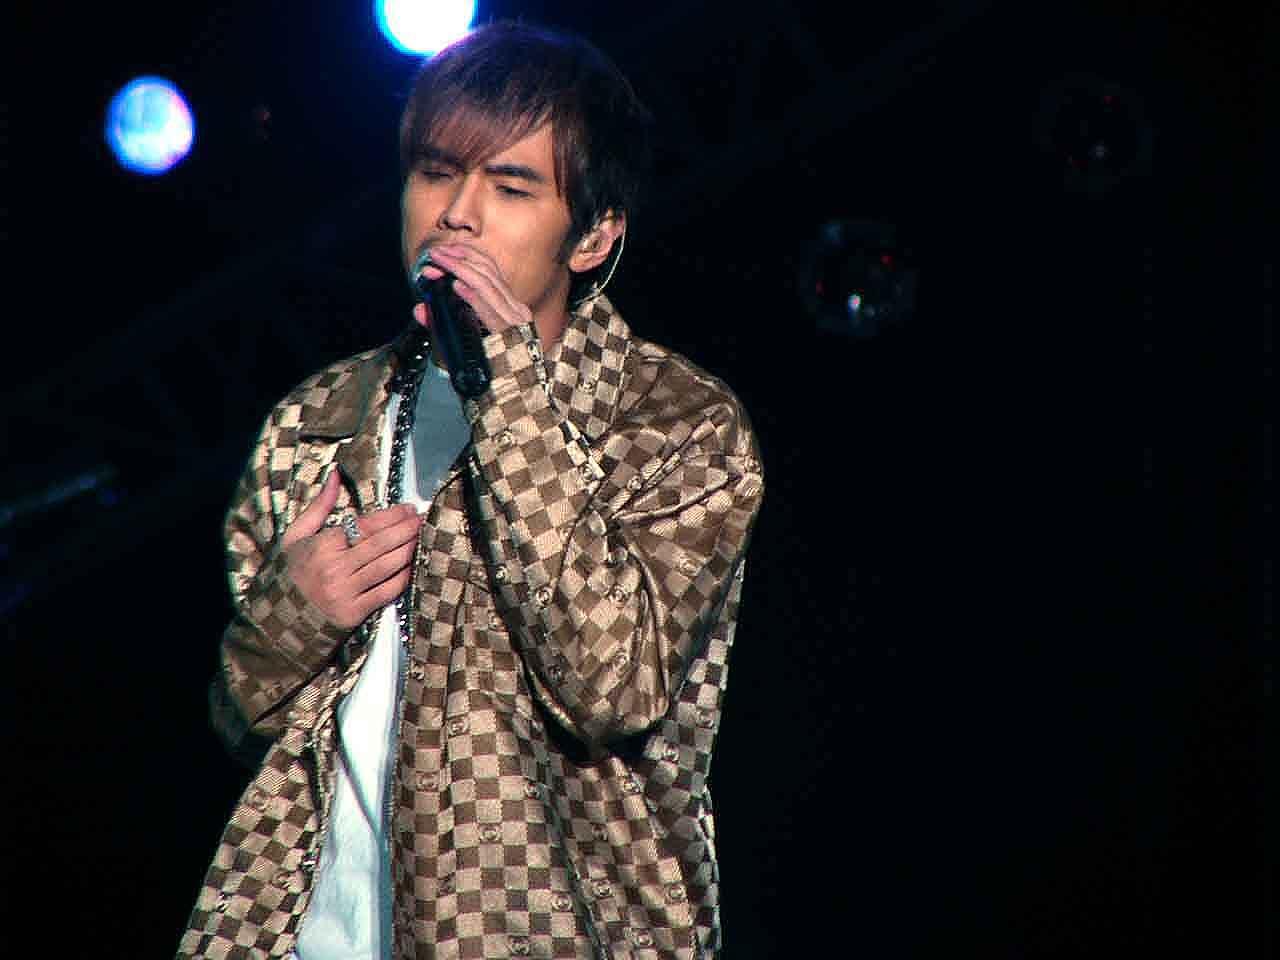 图文:2004中国TOP排行榜现场-周杰伦演唱6